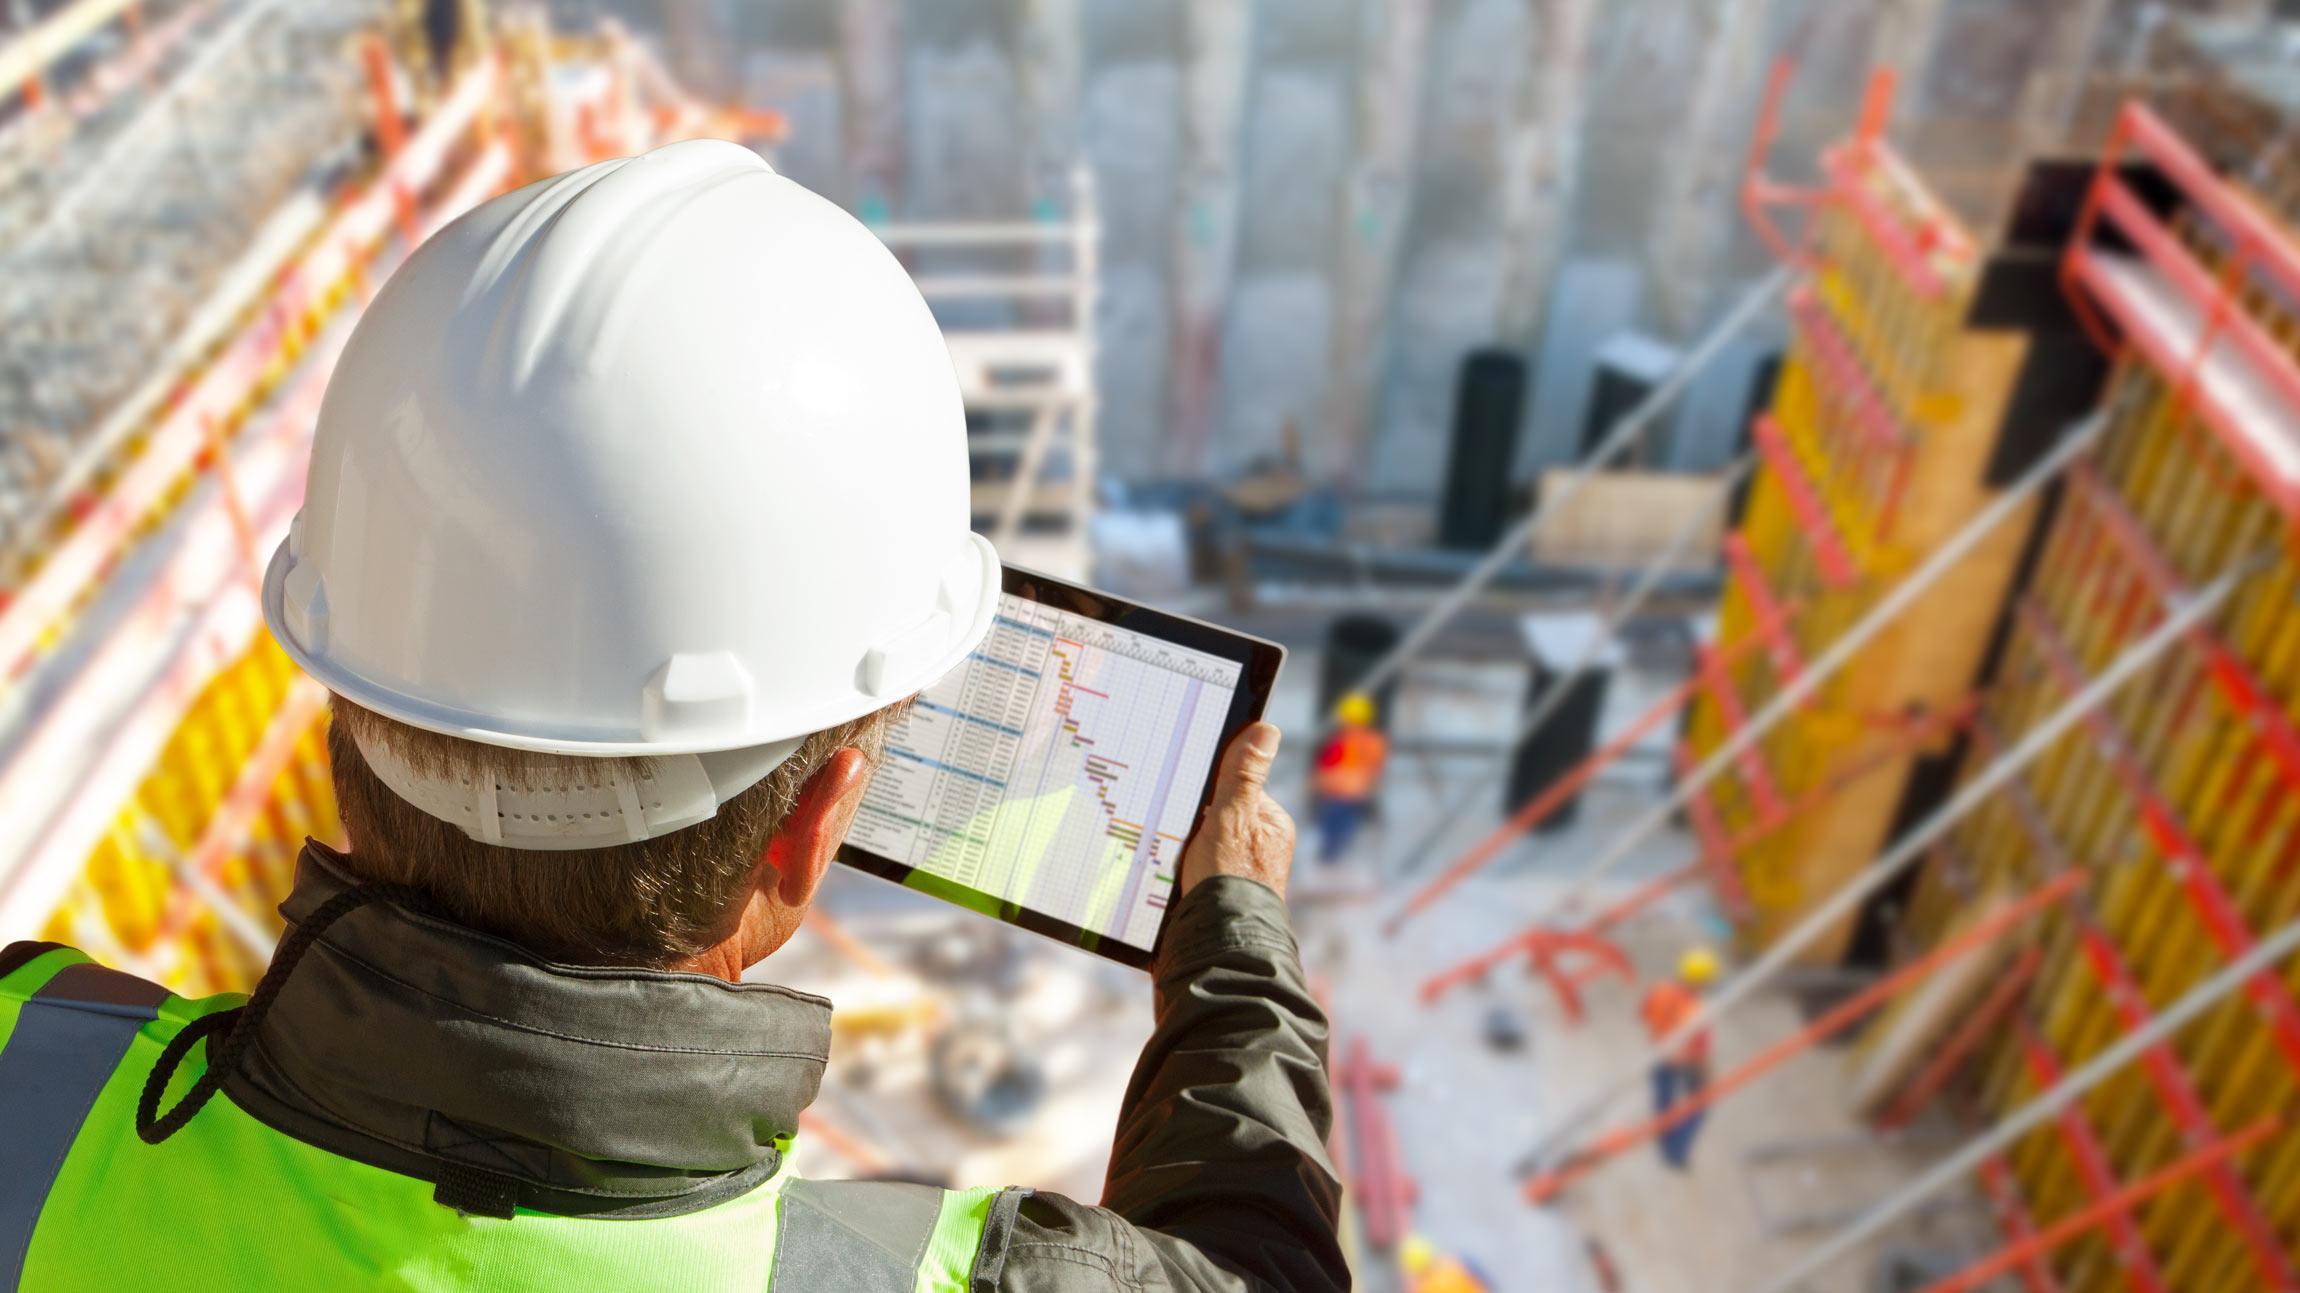 Rakennusteollisuuden insinööritehtävät, projektinjohtotehtävät ja työnjohtotehtävät